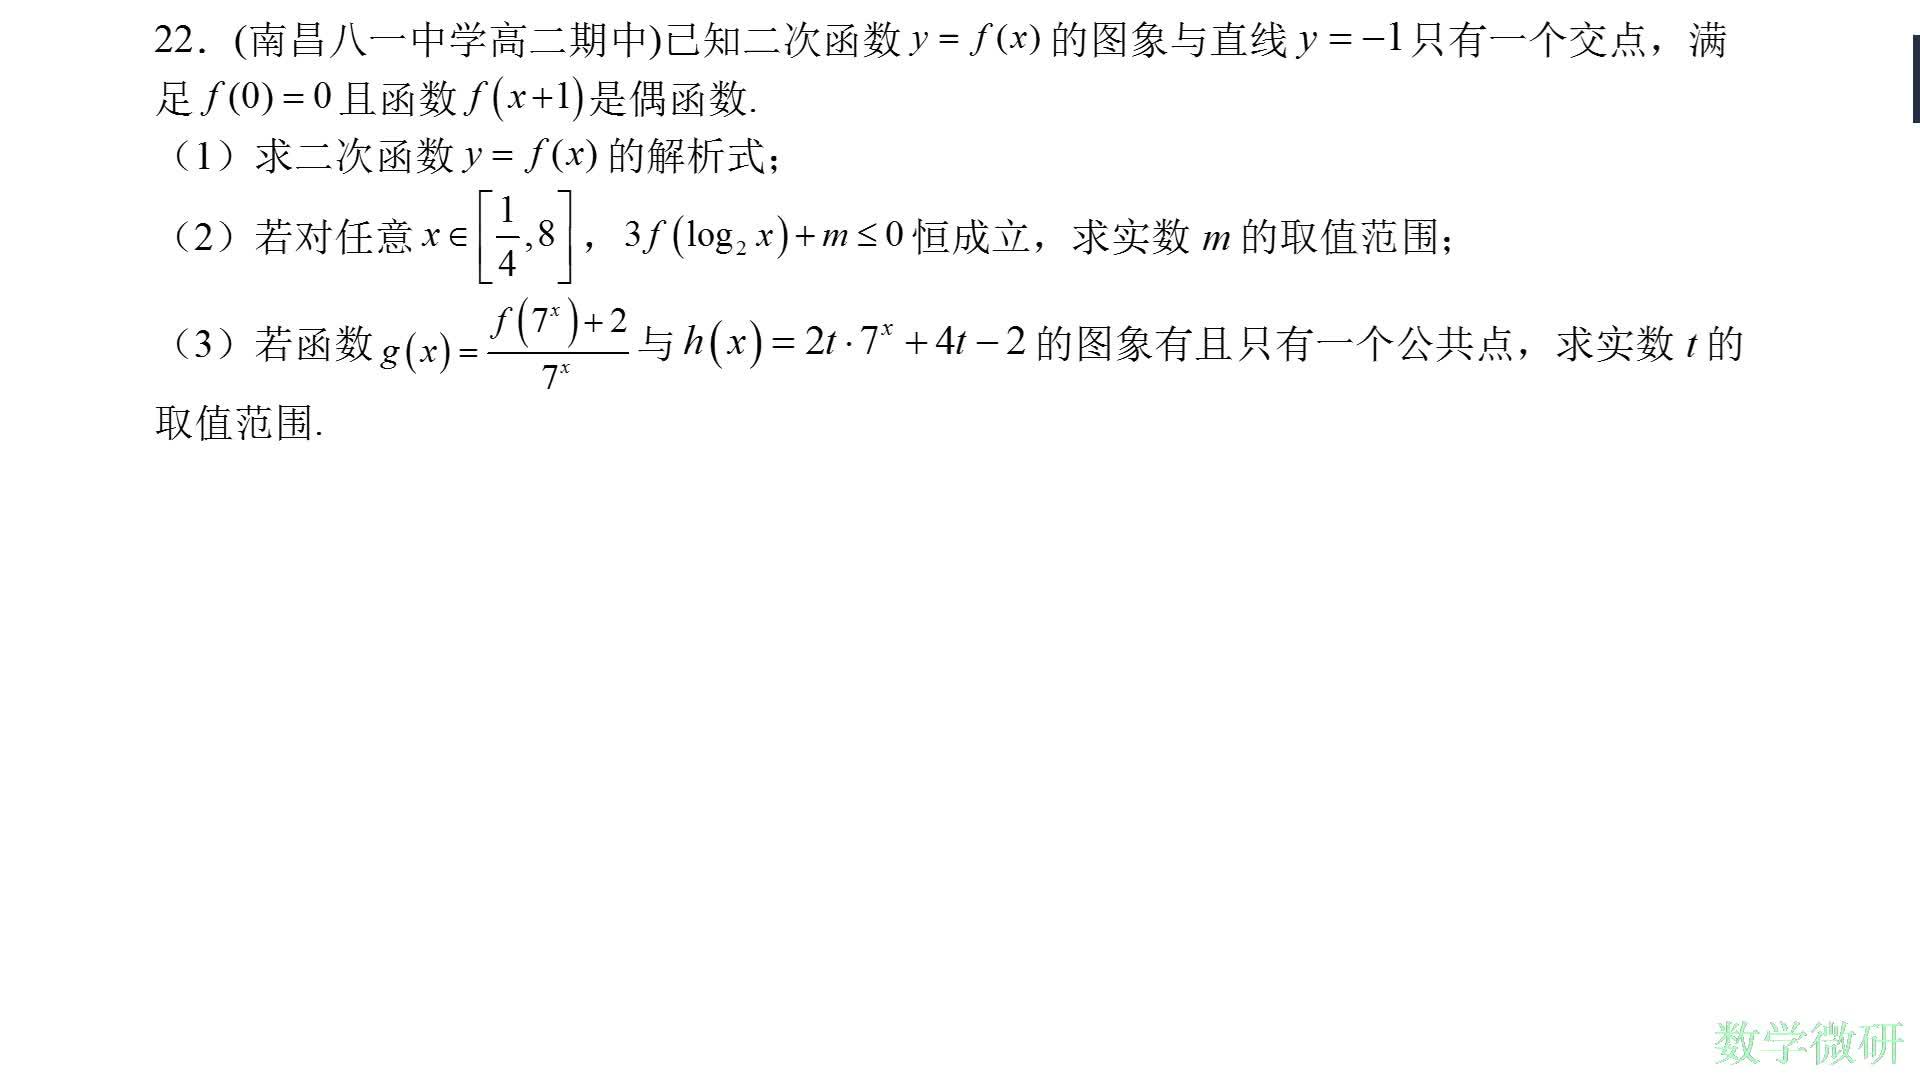 一道二次函数与指、对数函数综合问题的讲解 视频